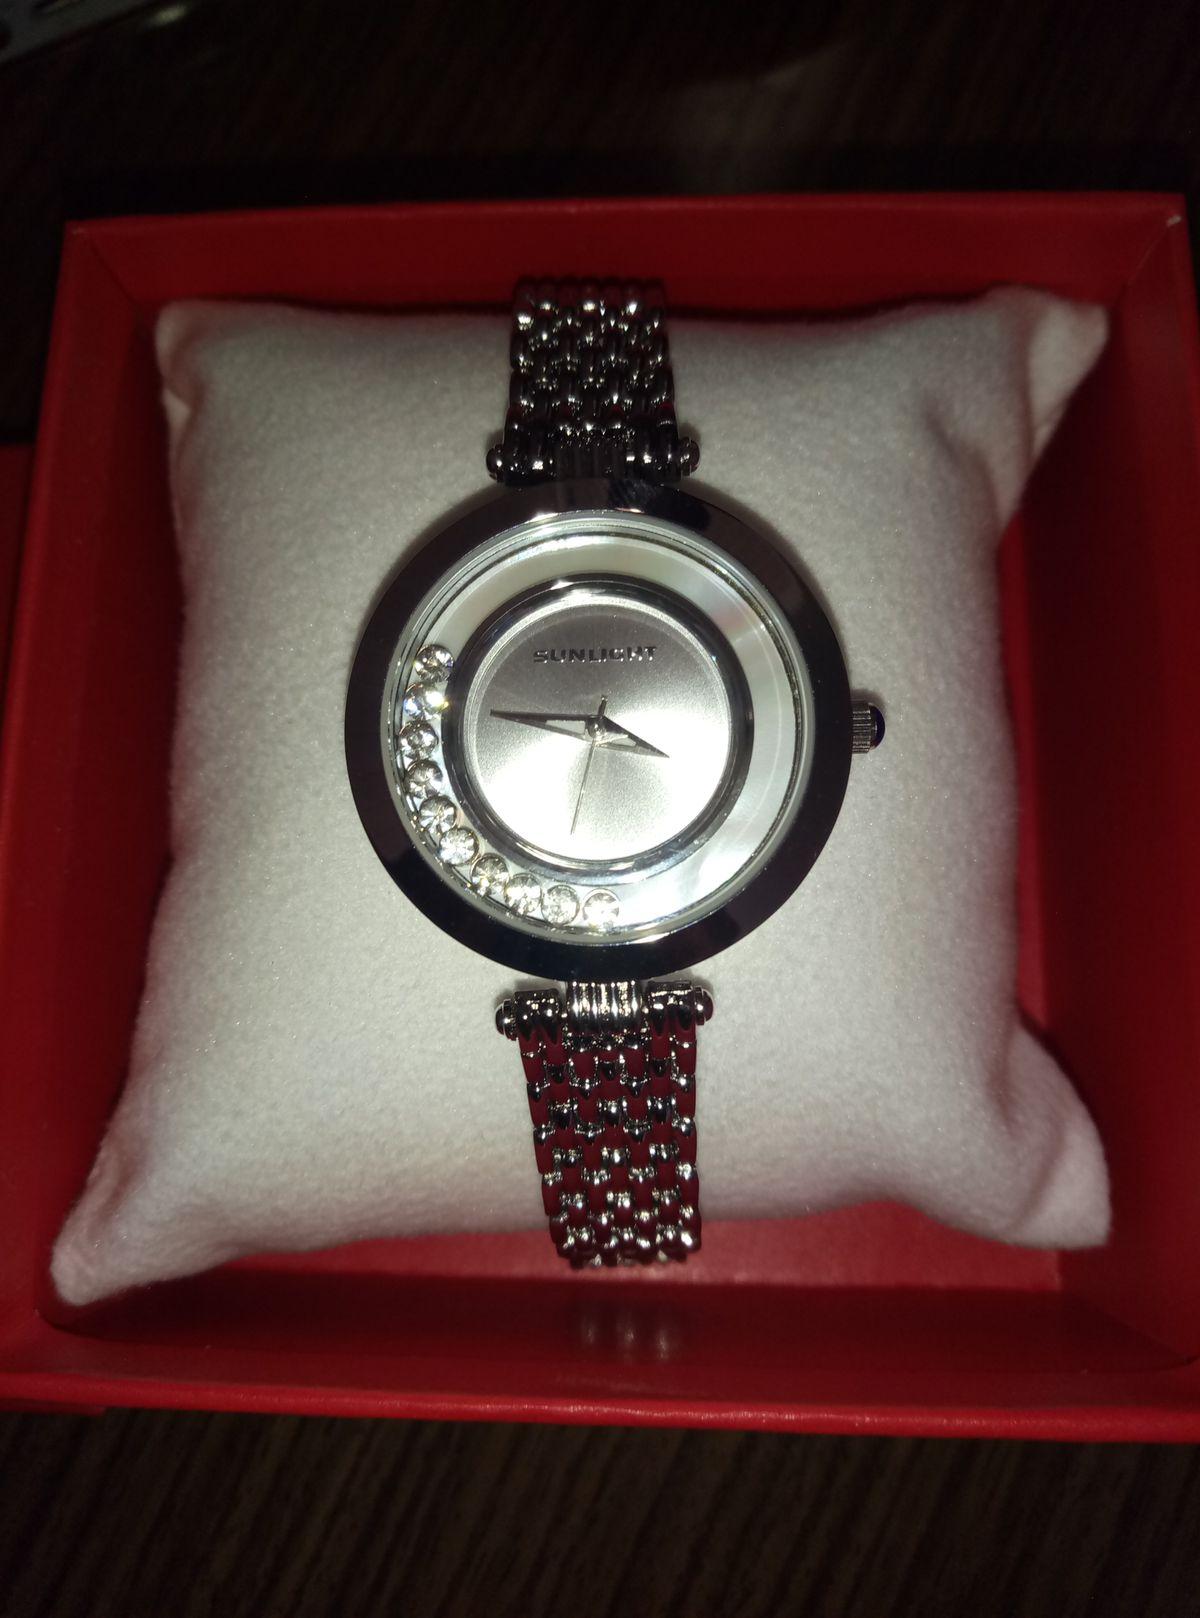 Именно этих часов не хватало в моей коллекции!